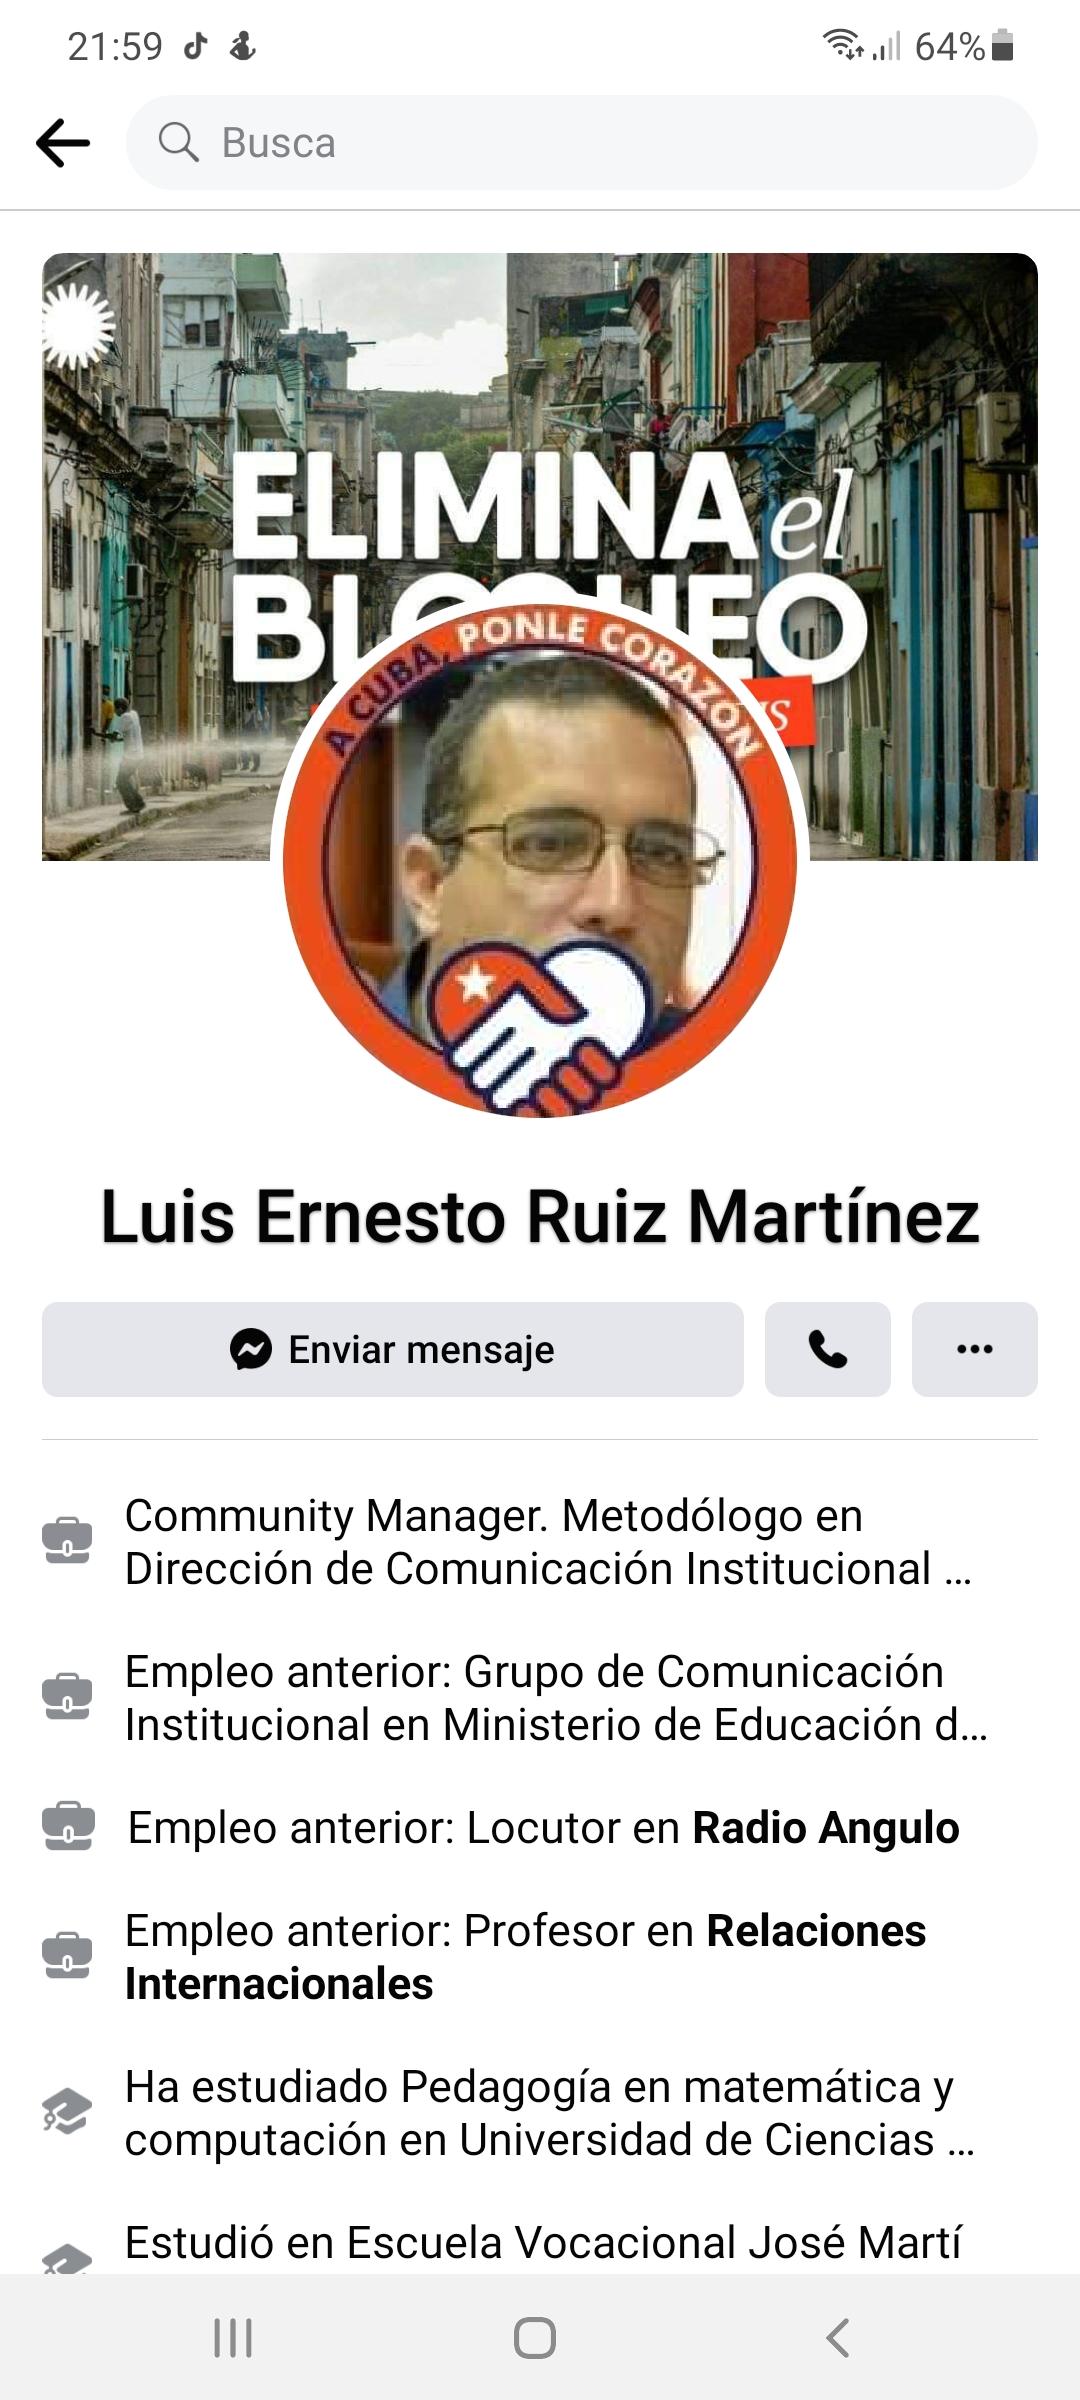 Luis Ernesto Ruiz Martinez